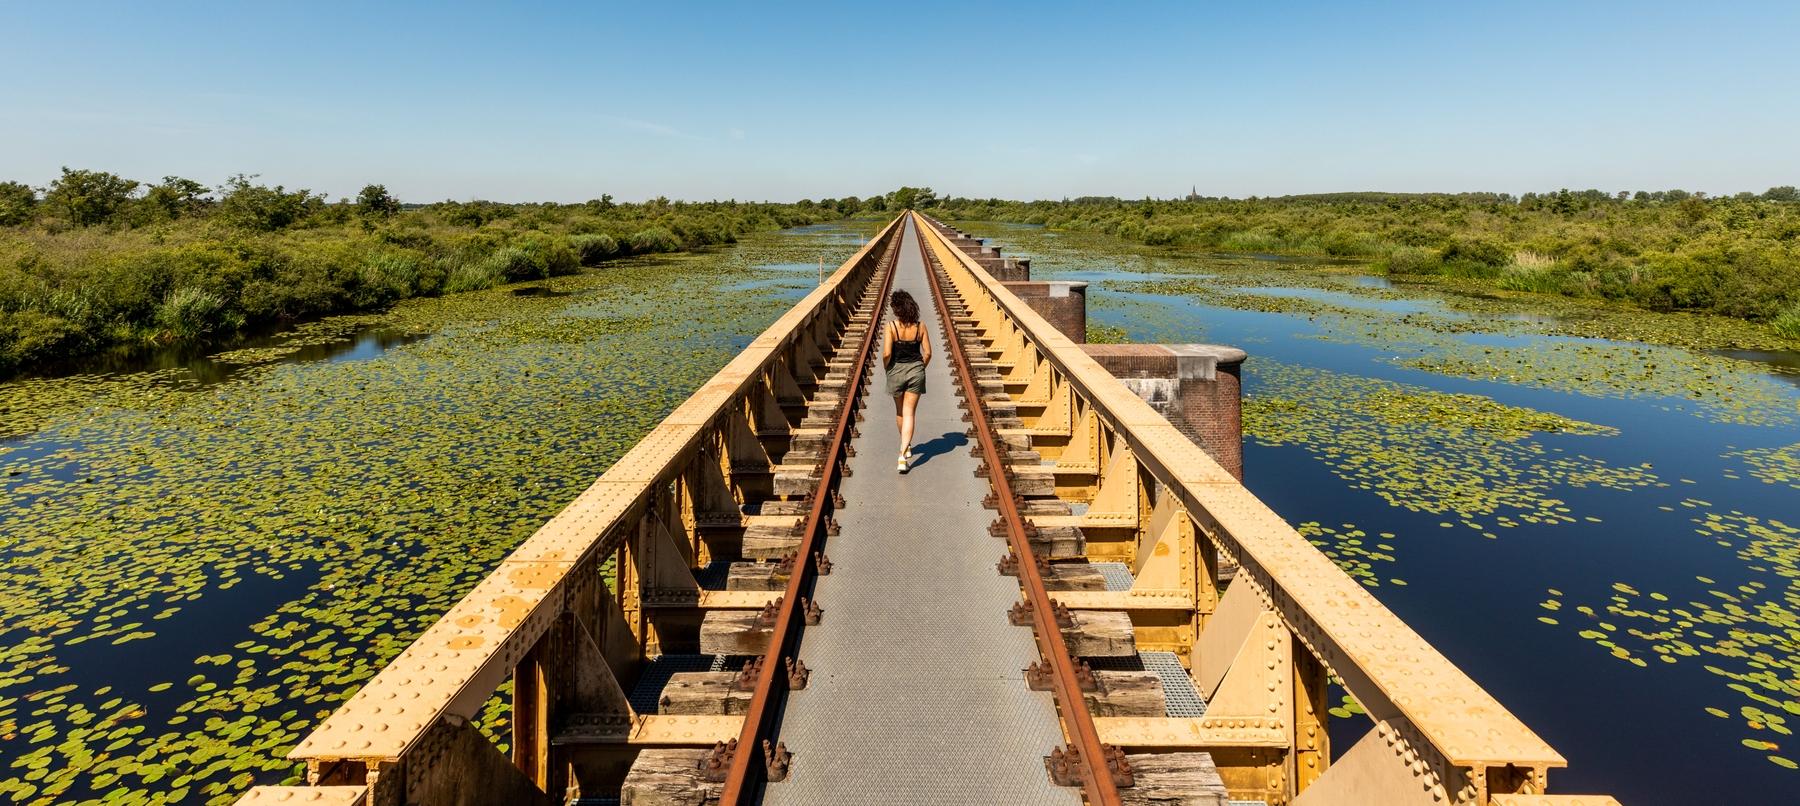 Onbekende plekken in Nederland Moerputtenbrug in natuurgebied Moerputten Noord Brabant